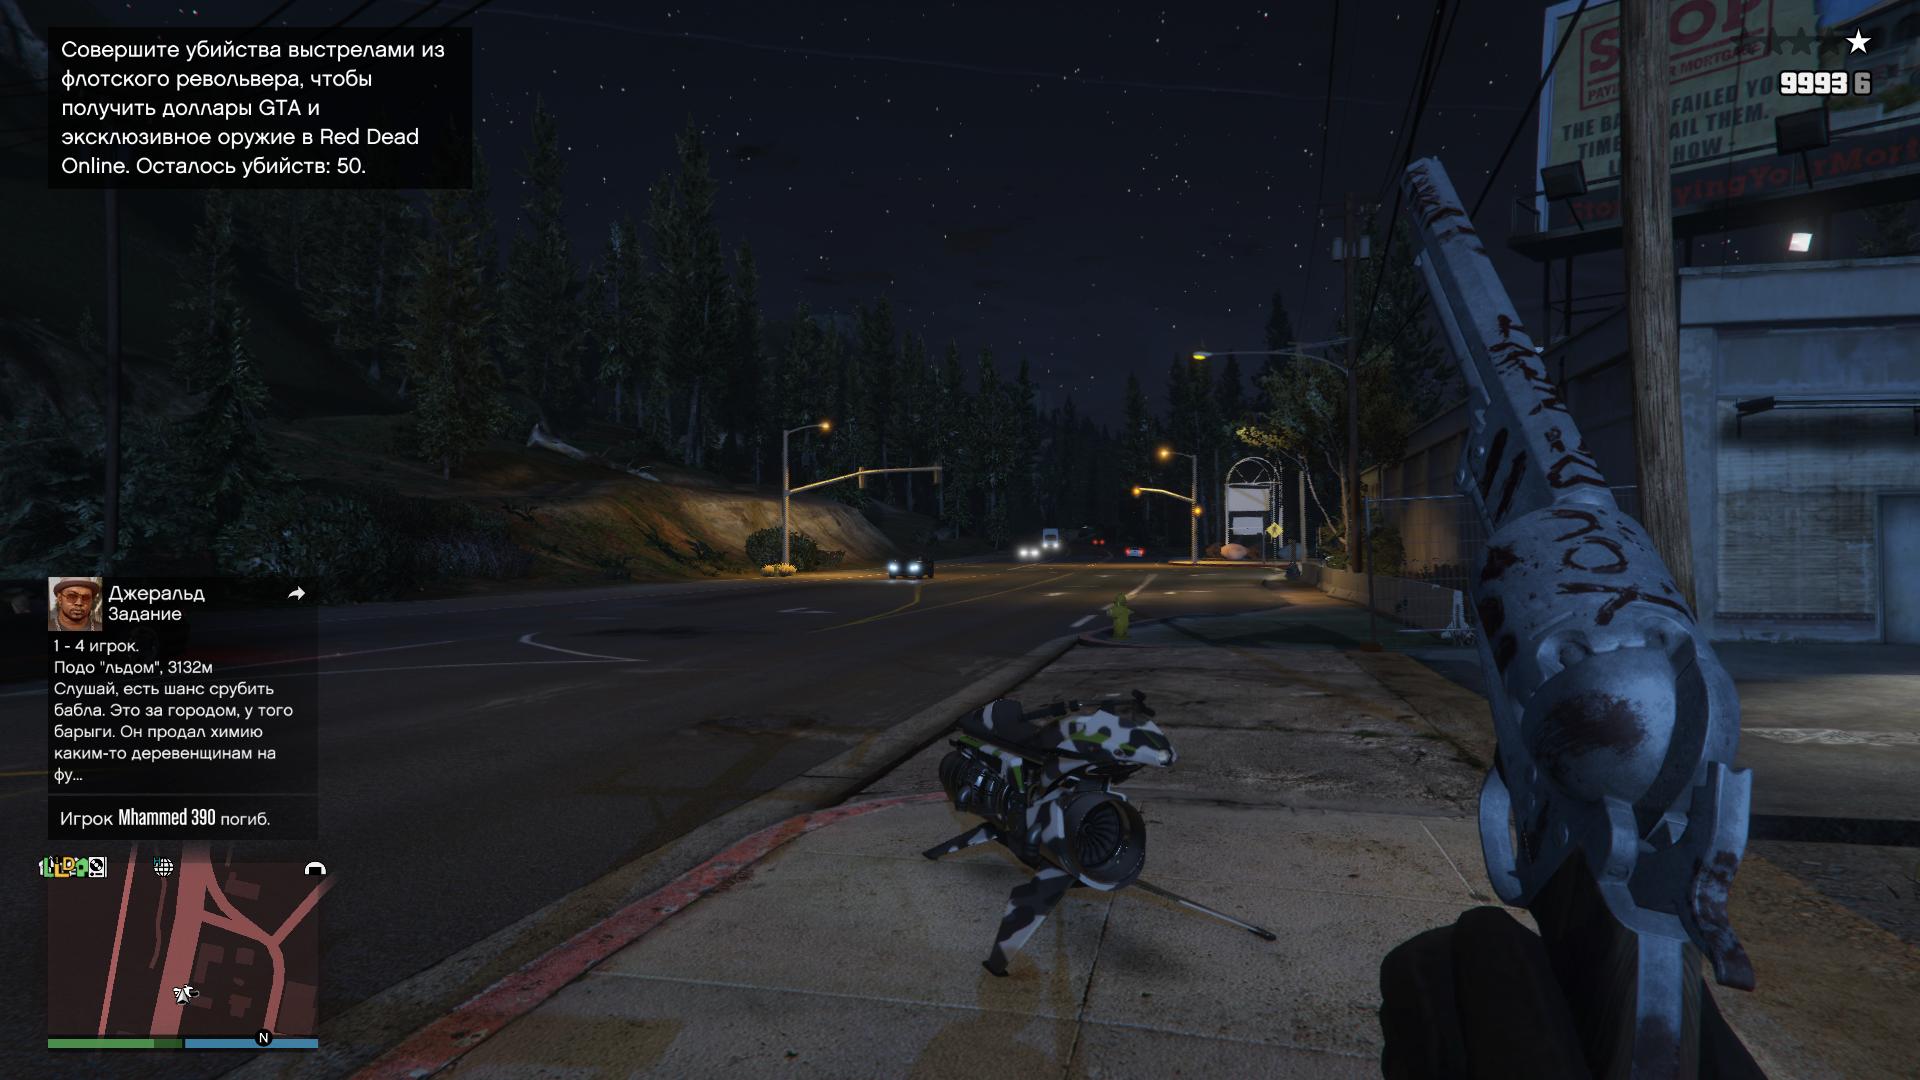 Флотский револьвер в GTA Online